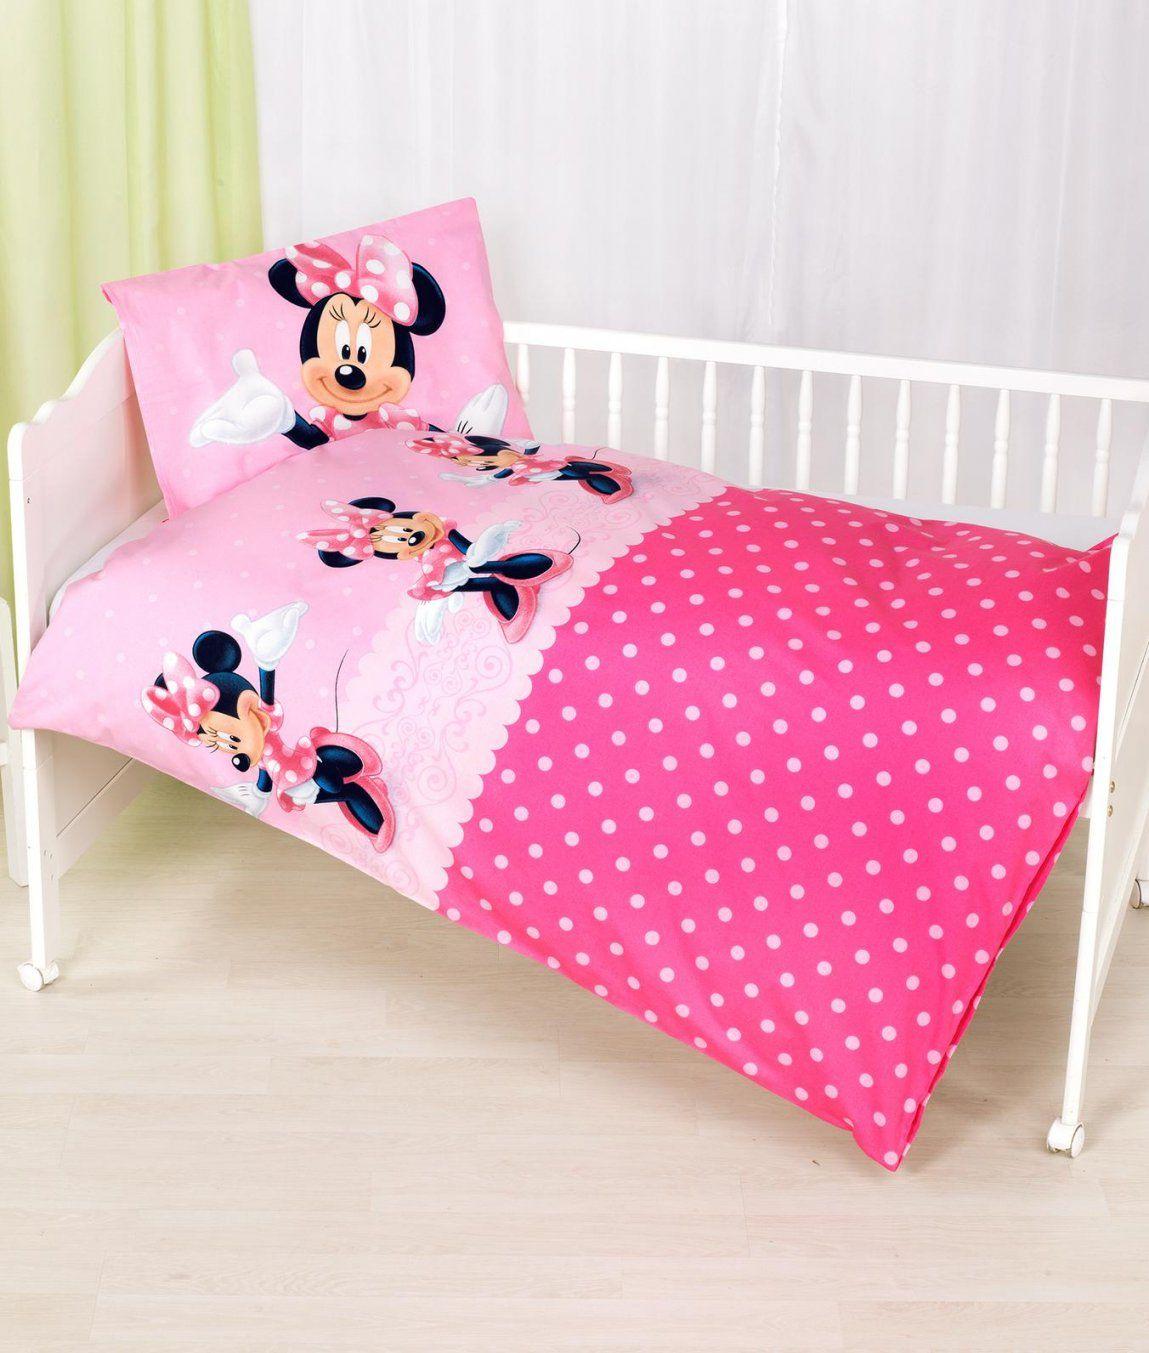 Babybettwäsche Garnitur Minnie Mouse Kaufen  Angela Bruderer von Minnie Mouse Bettwäsche Photo